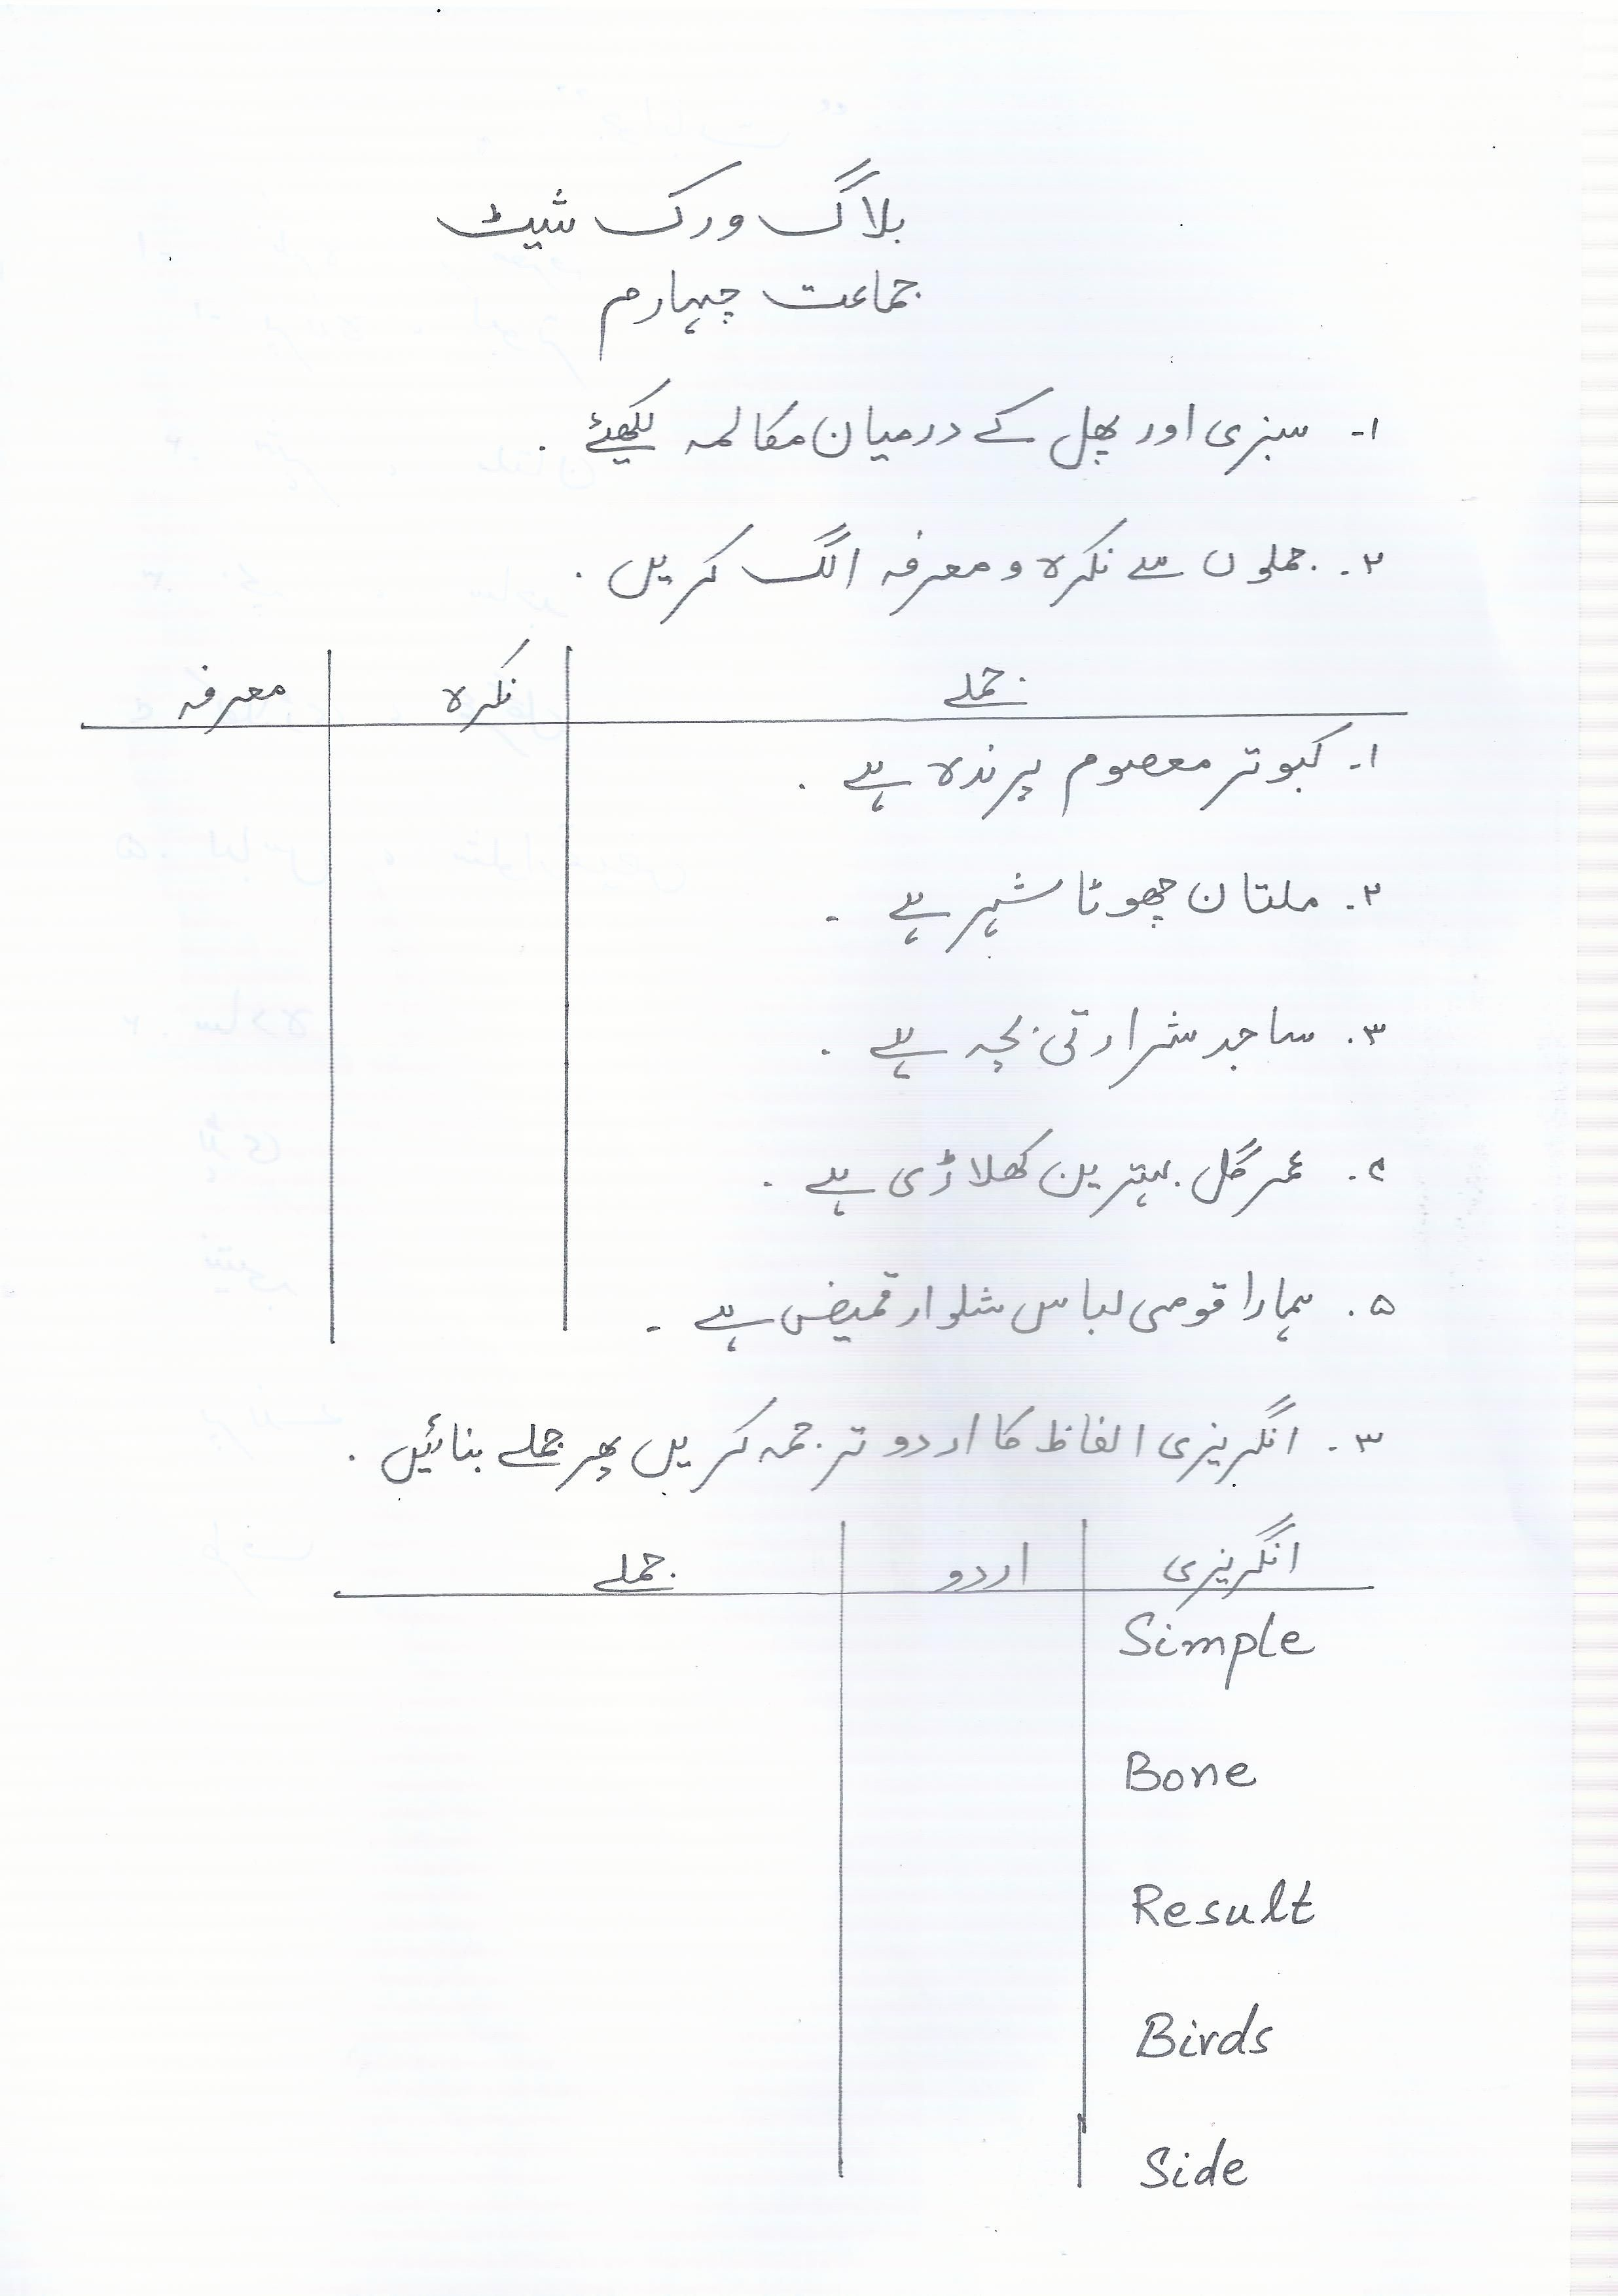 medium resolution of urdu-bw-year-4-1-of-22.jpg (2472×3507)   Reading comprehension worksheets